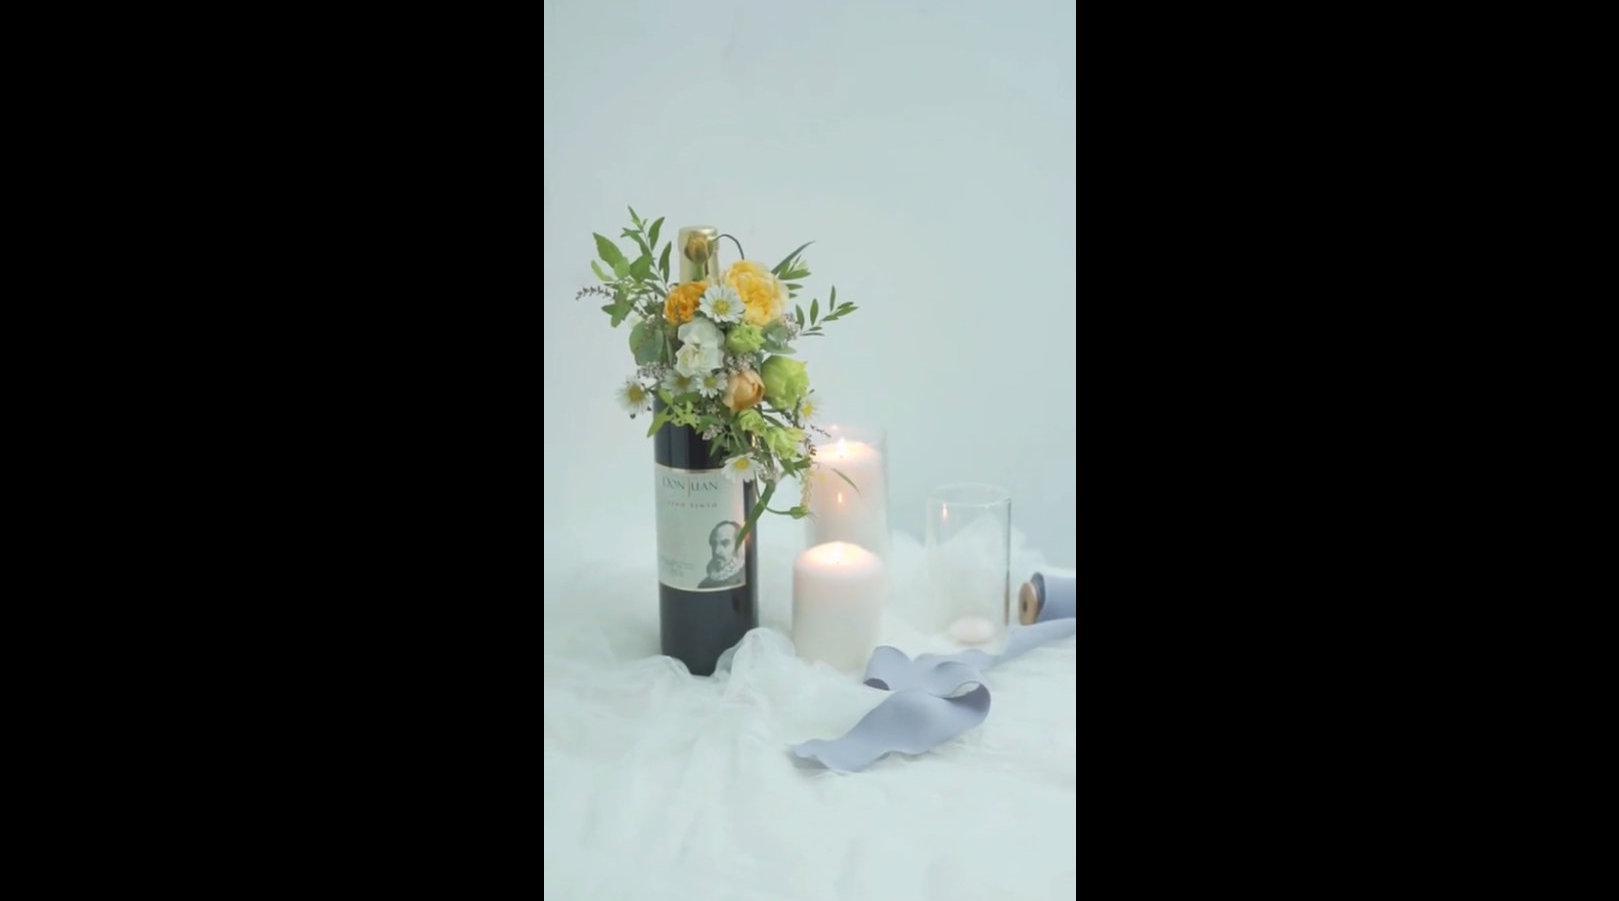 如何用花艺装饰酒瓶,生活需要仪式感。 来源:花栖花艺